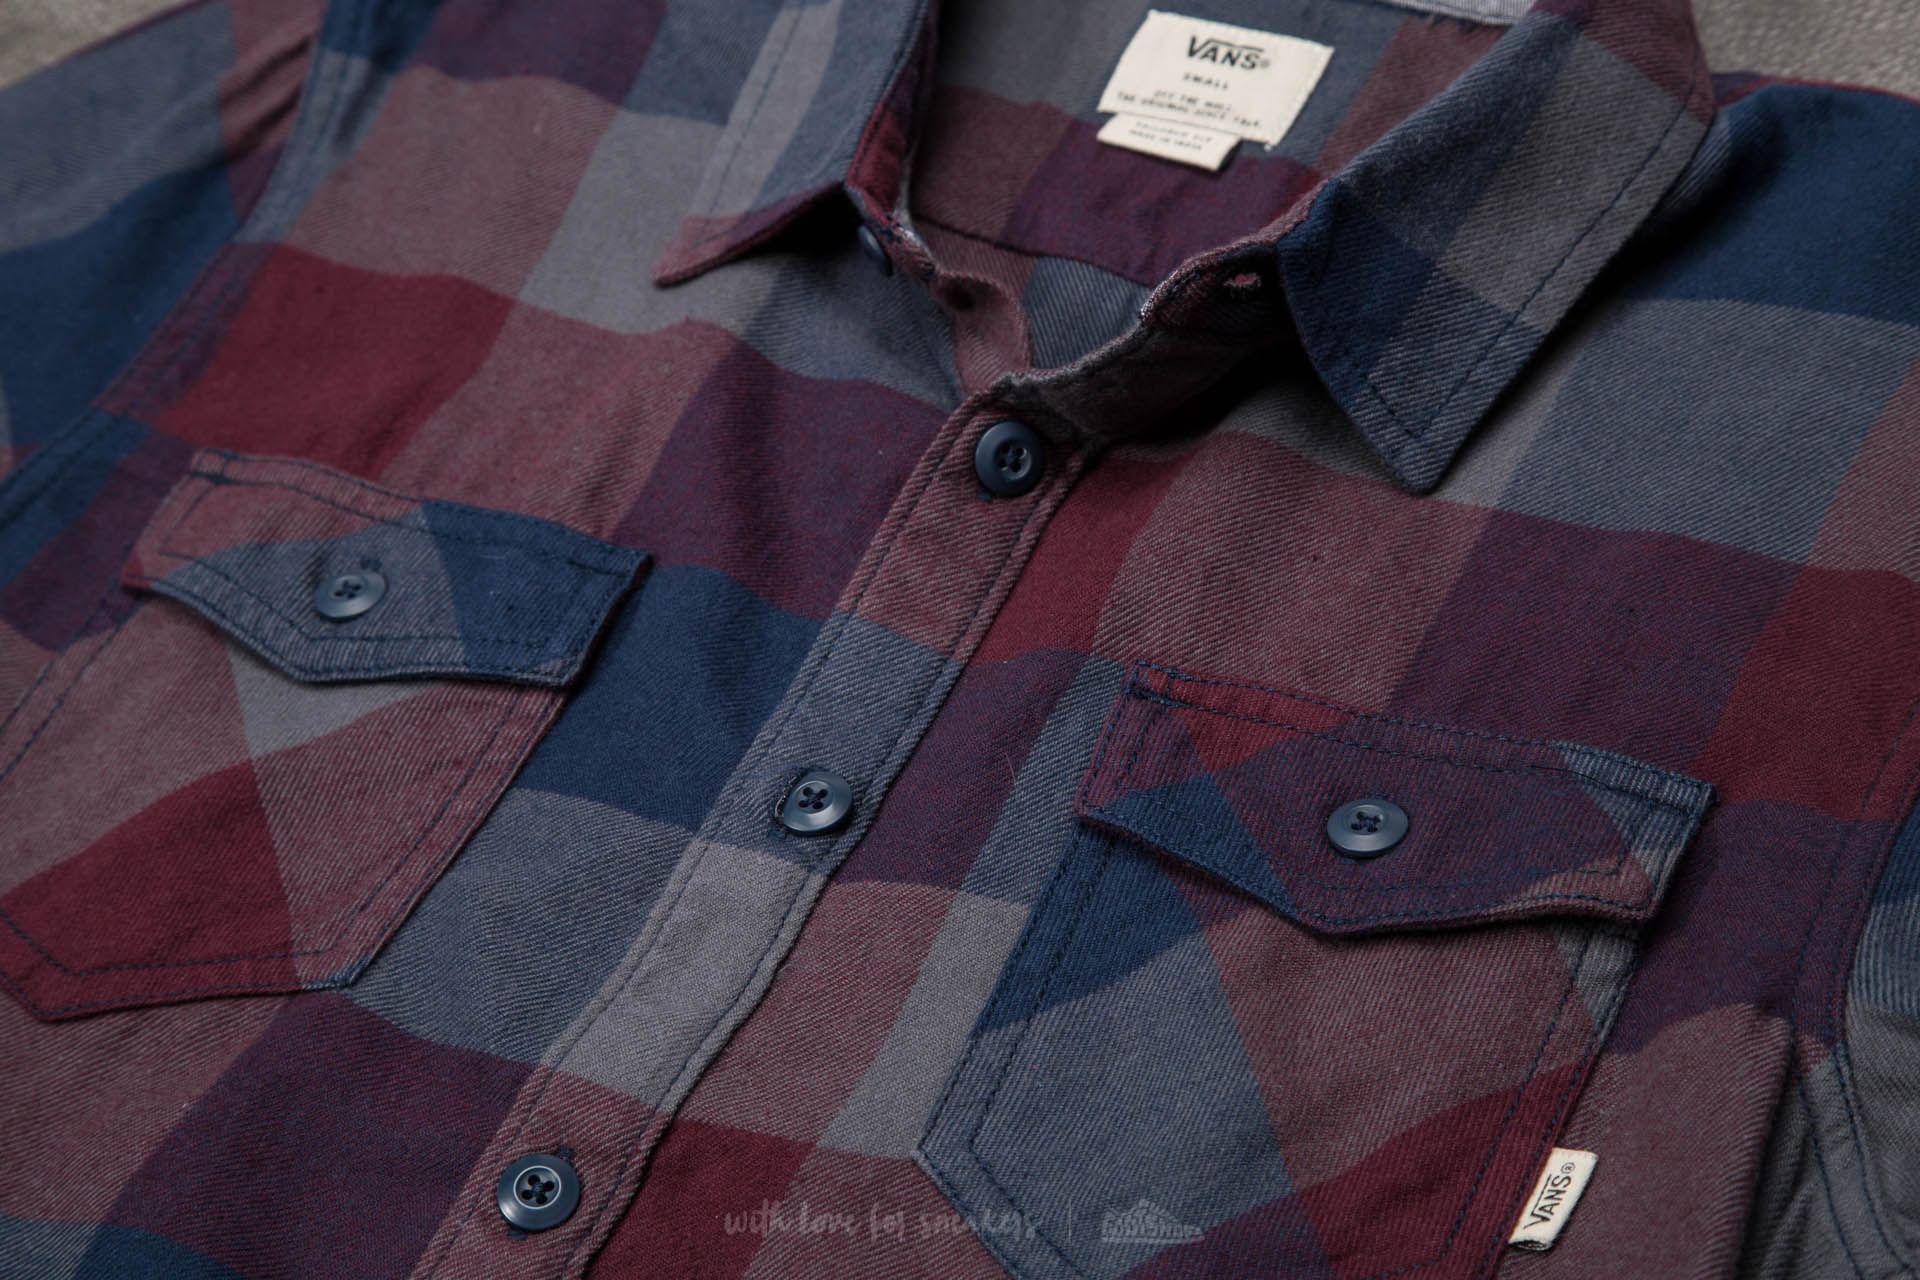 444c10a545 Lyst - Vans Box Flannel Shirt Dress Blues-port Royale in Blue for Men